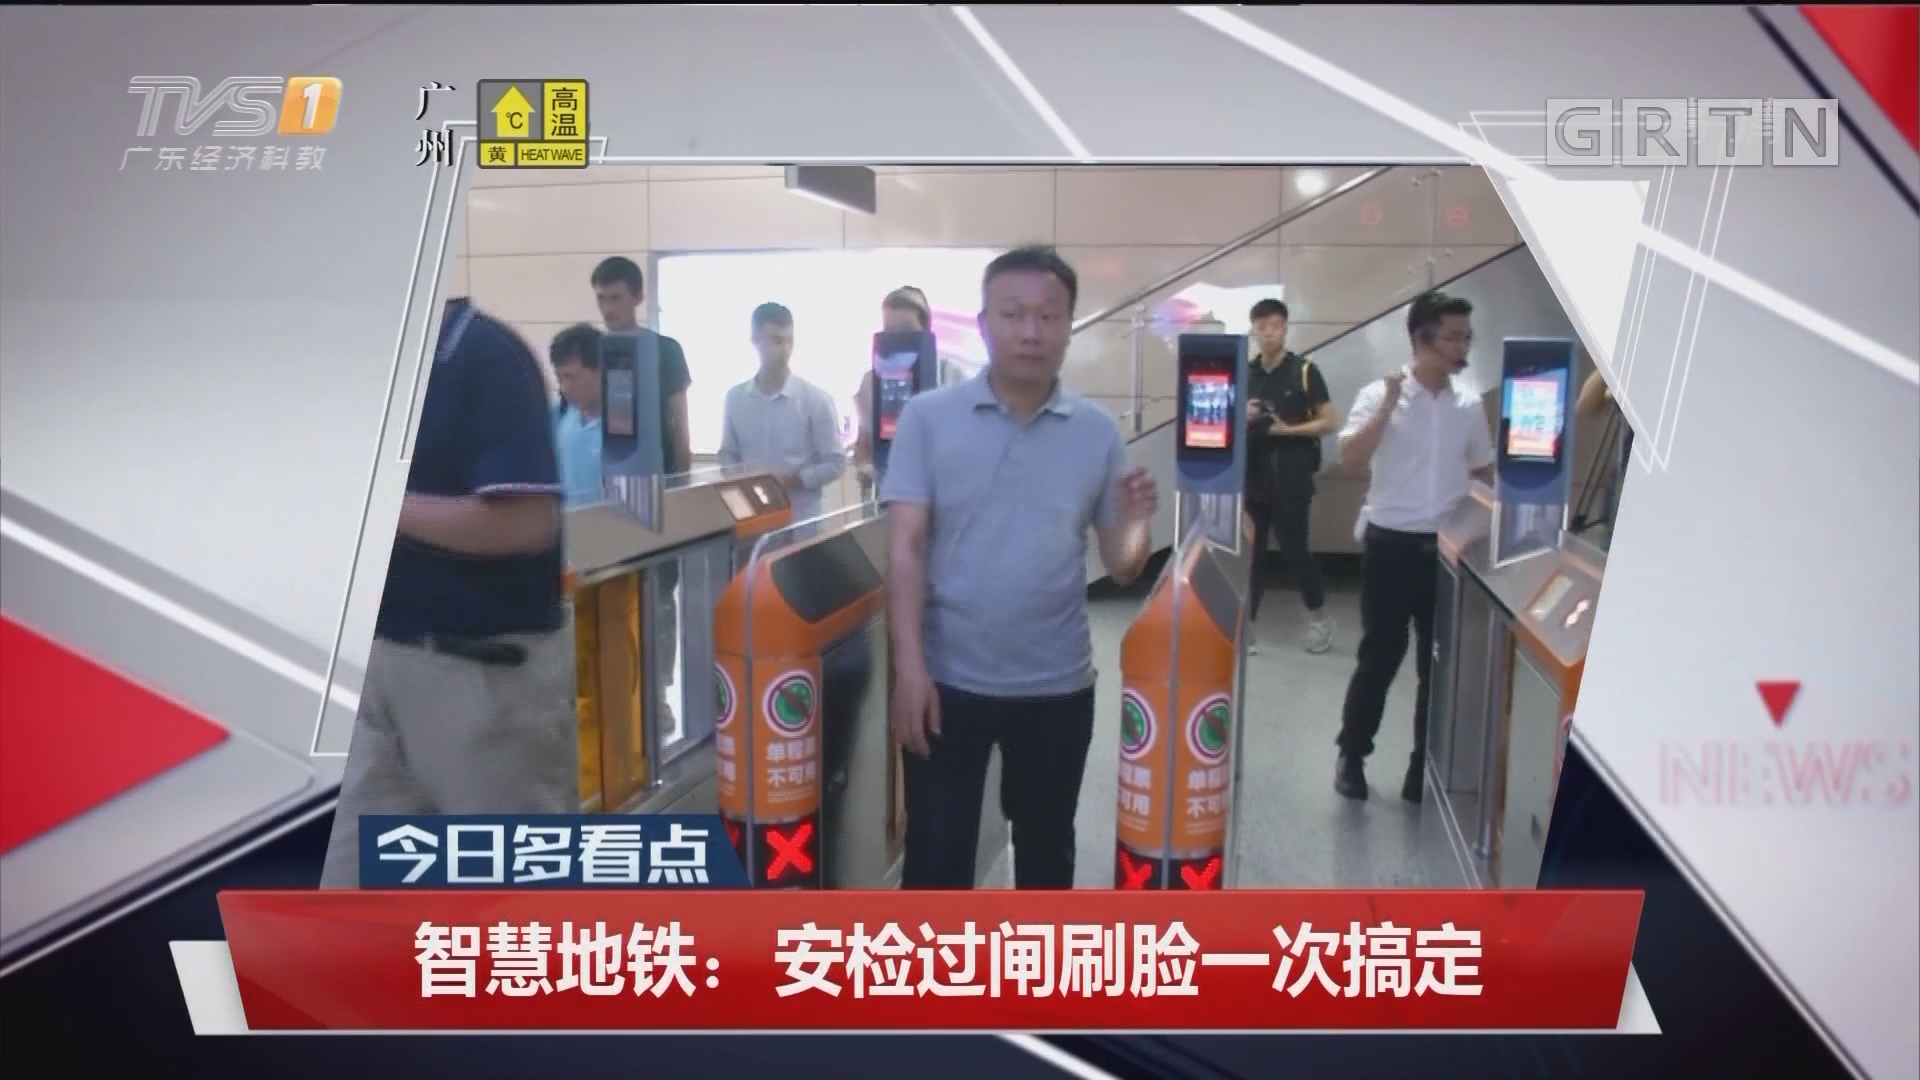 智慧地铁:安检过闸刷脸一次搞定